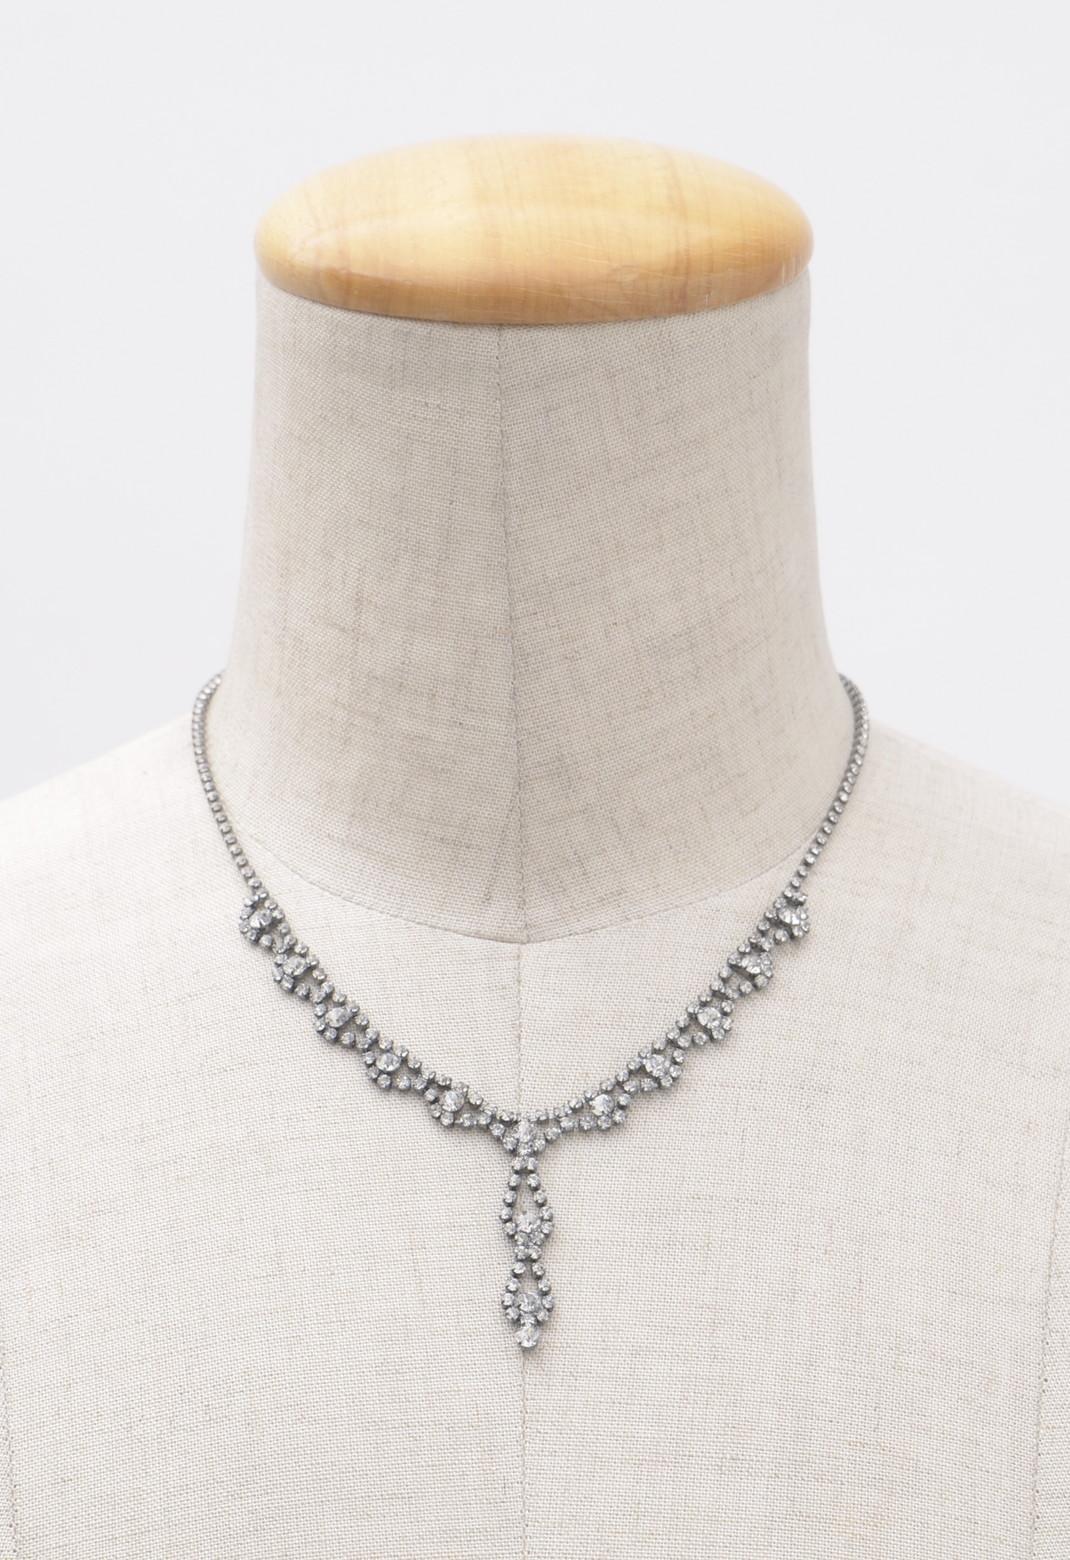 Y字型 ラインストーン シルバー ネックレス